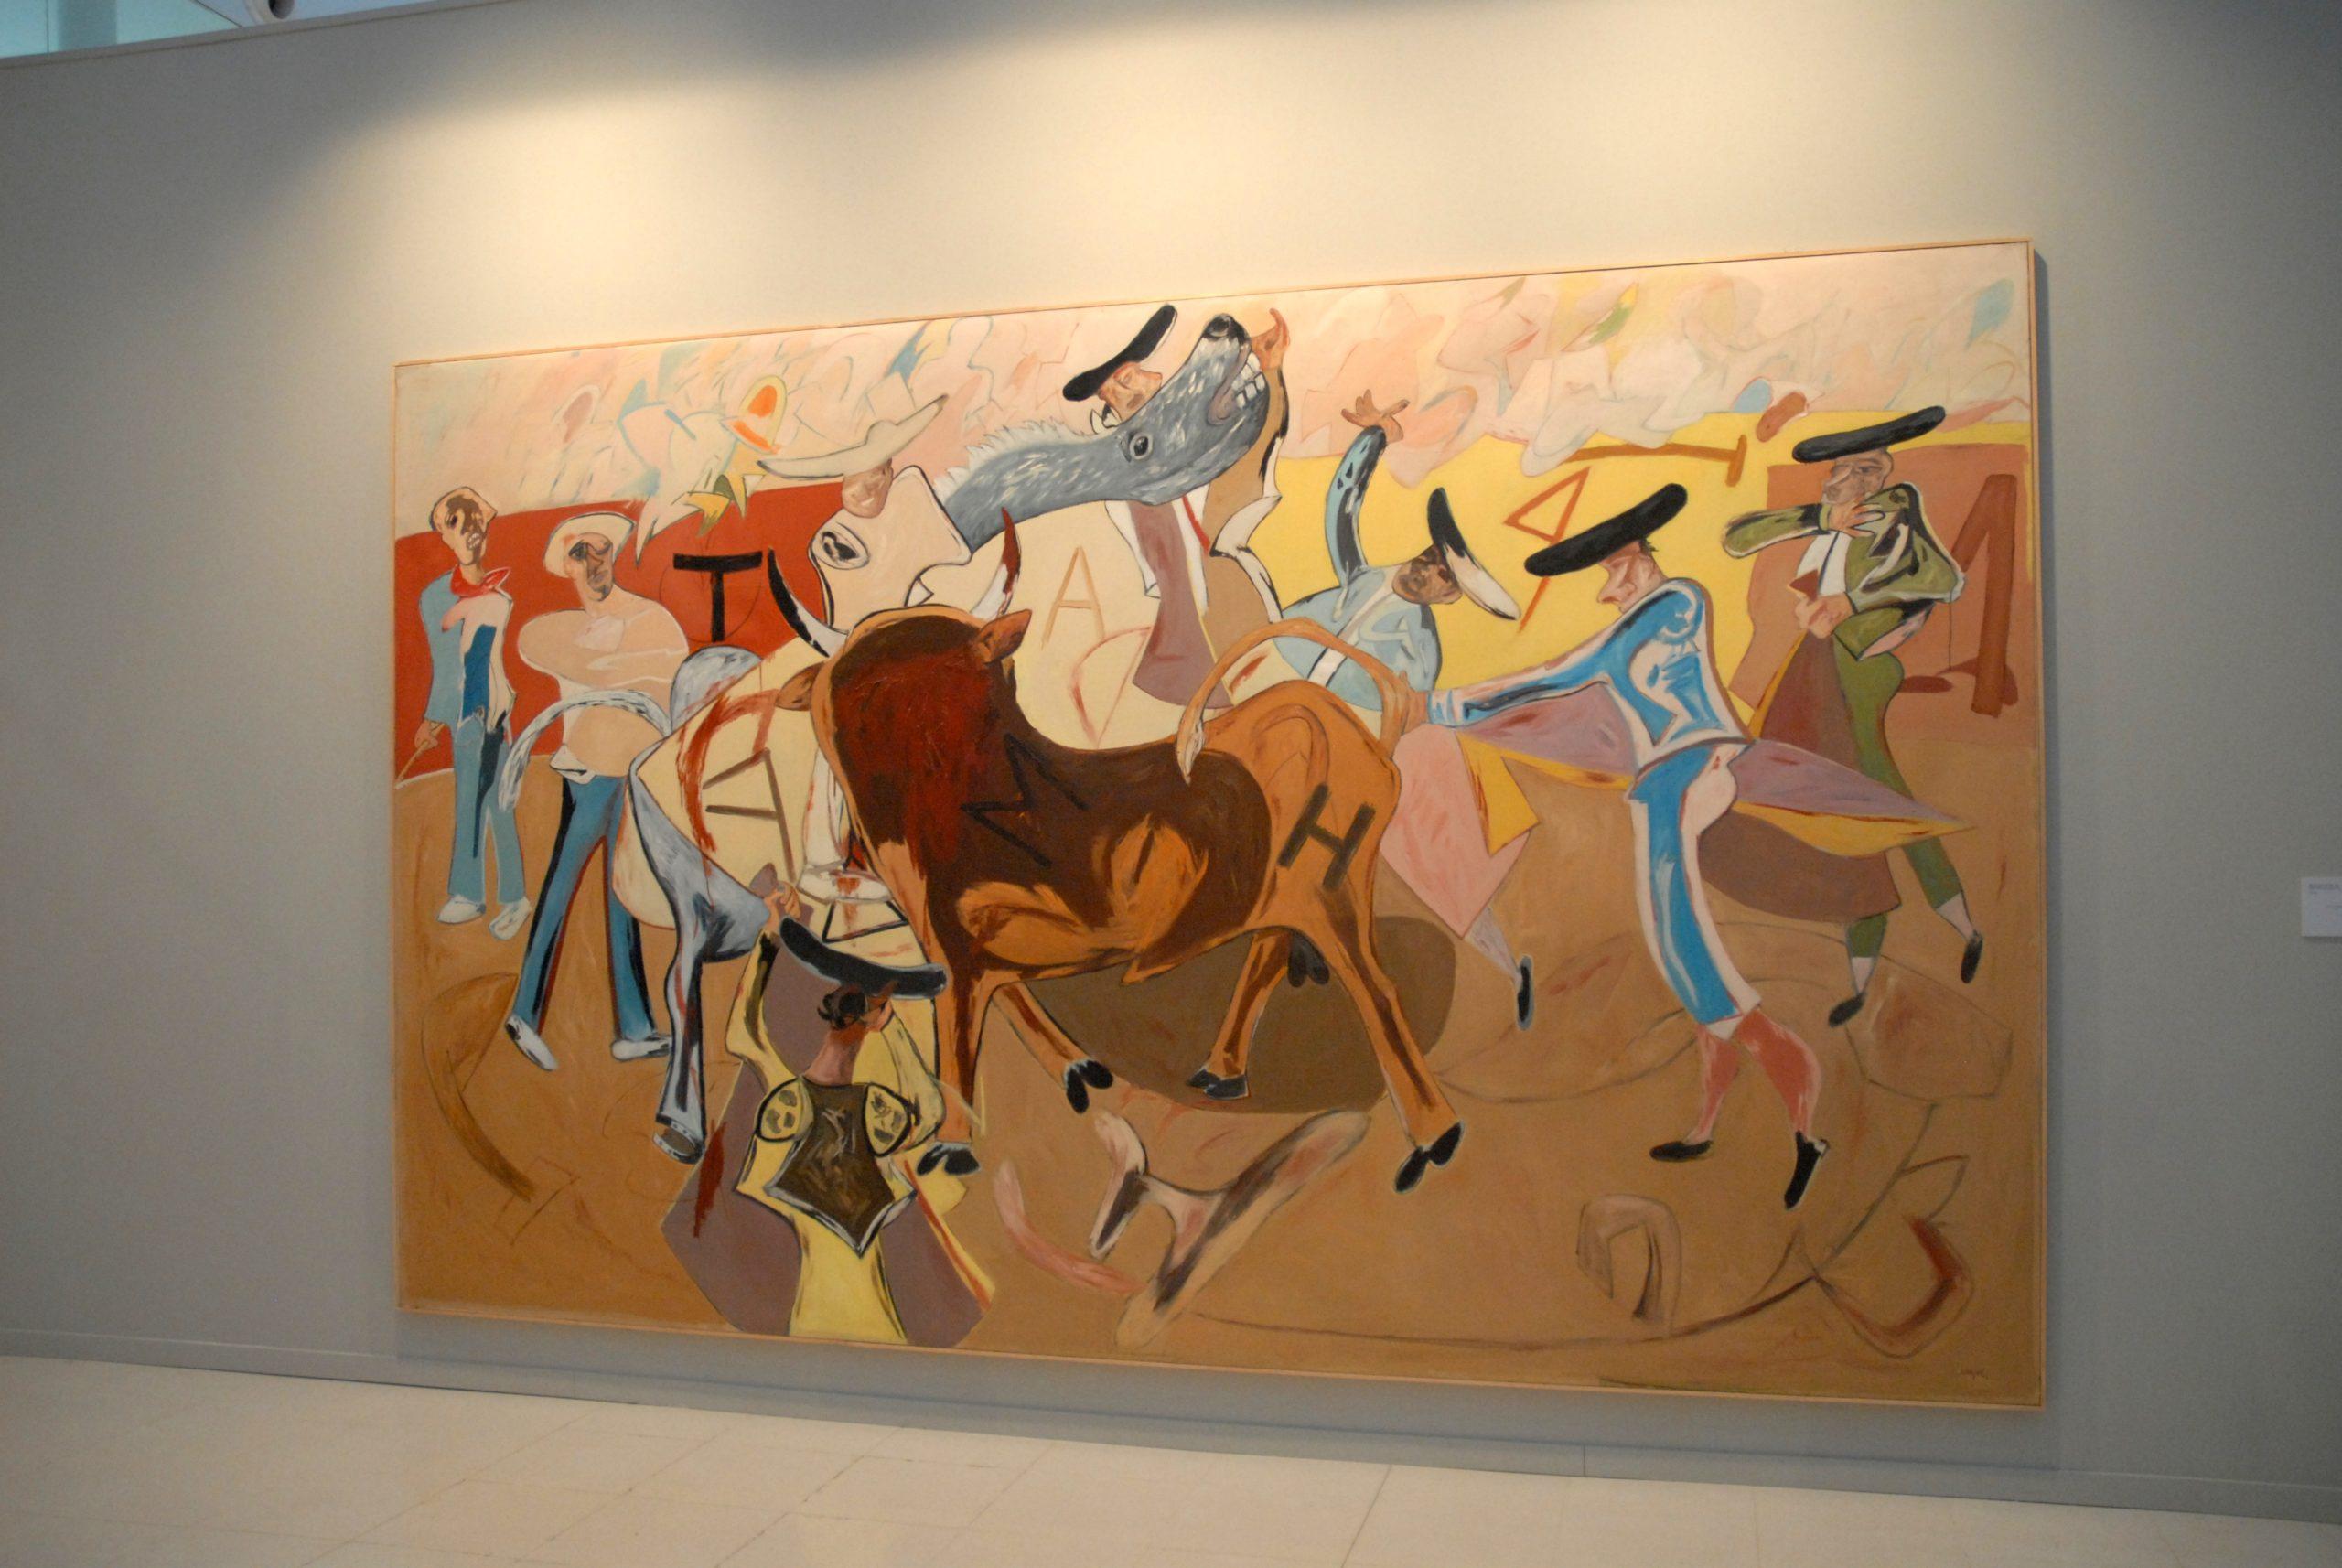 ARTE EN LOS AEROPUERTOS Colección Aena de Arte Contemporáneo